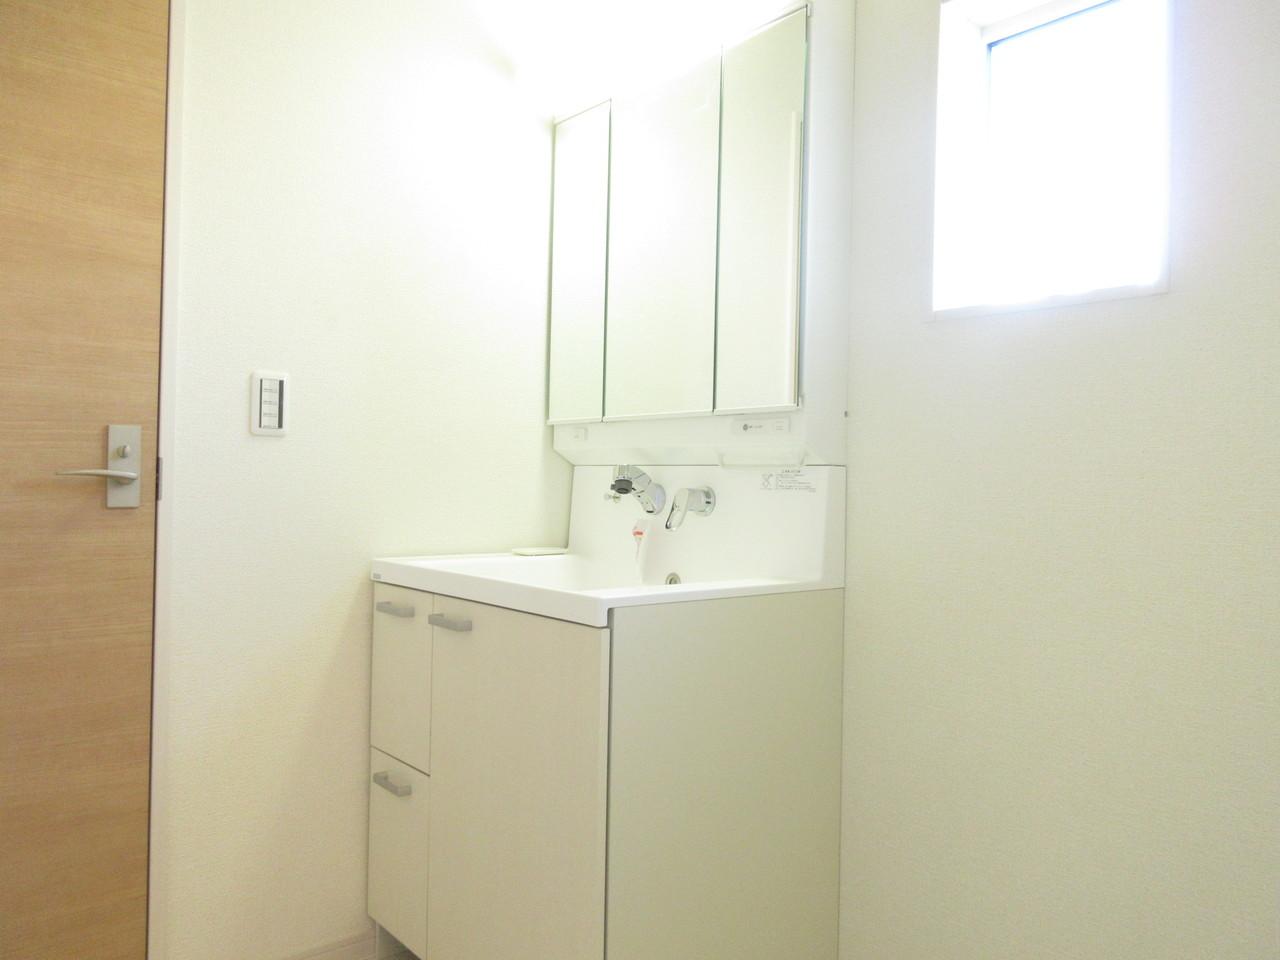 扱いやすいシャワー付き水栓。ミラーの裏側すべてが収納スペースで、広い鏡面を使える3面鏡タイプの洗面化粧台です。